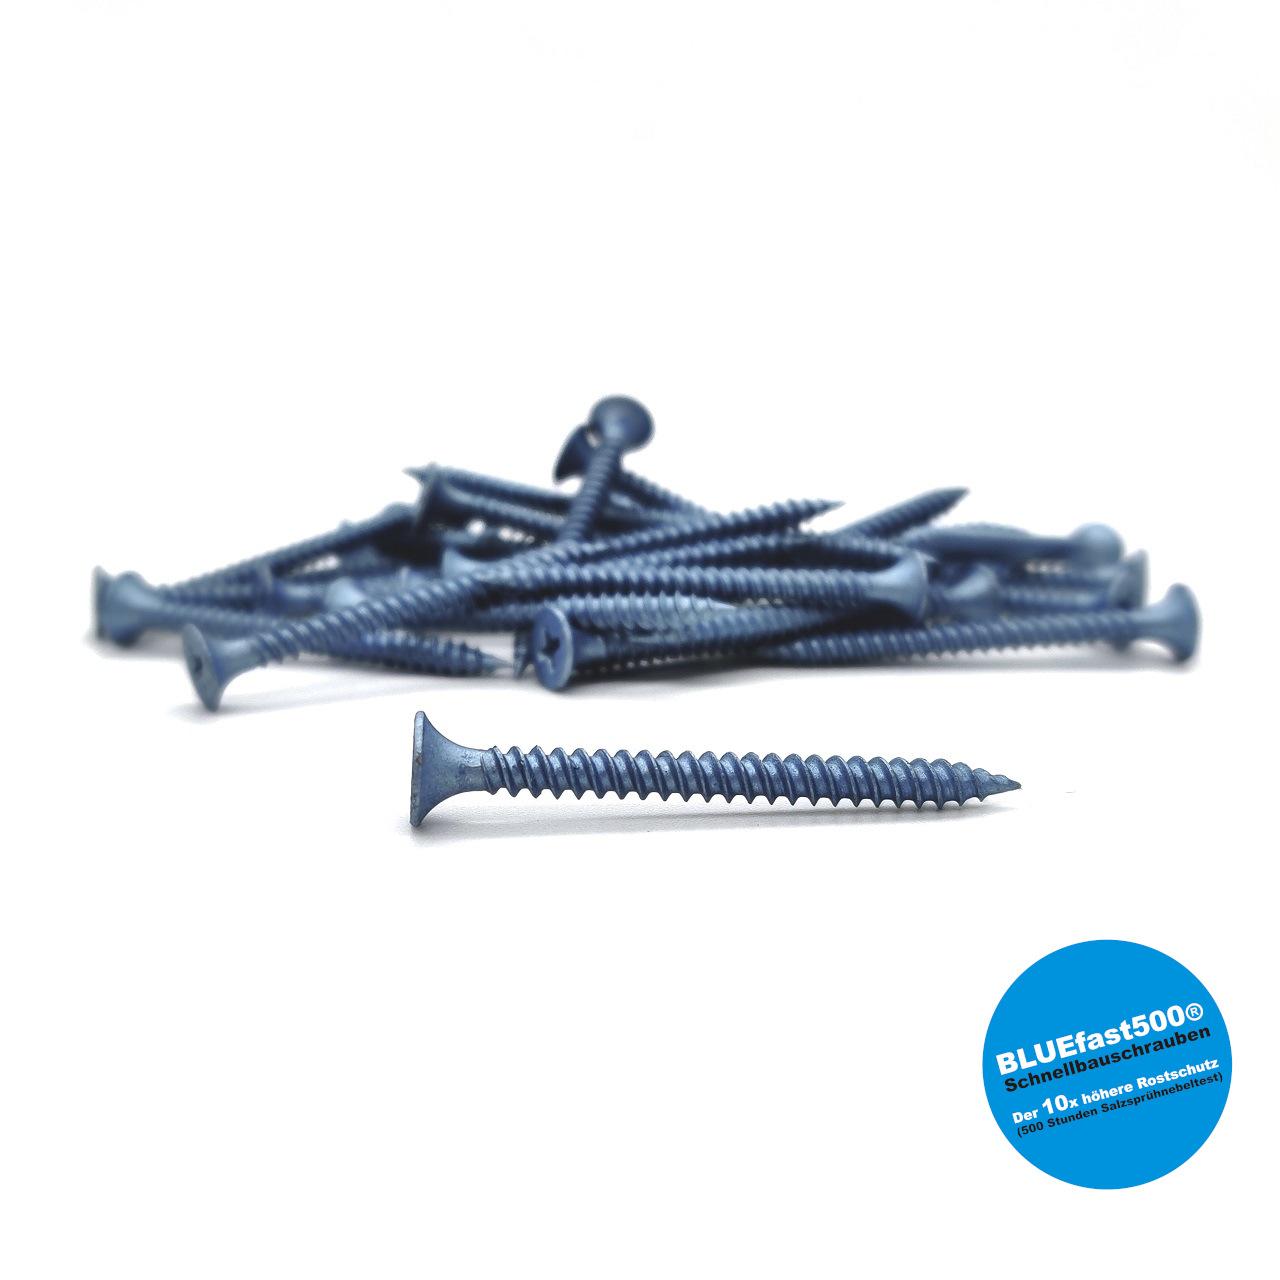 BLUEfast500® Schnellbauschrauben | Feingewinde